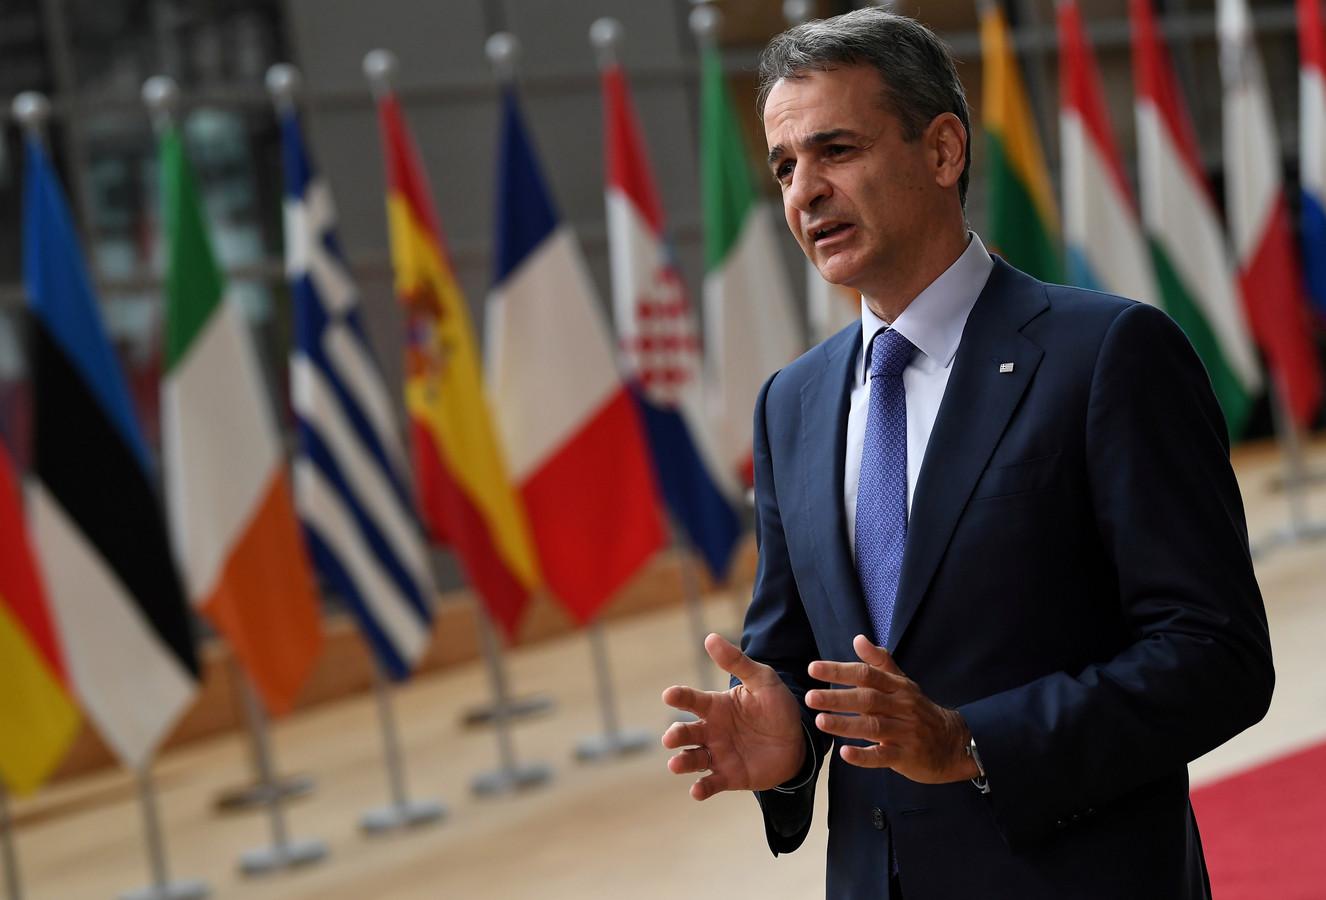 De Griekse premier Mitsotakis